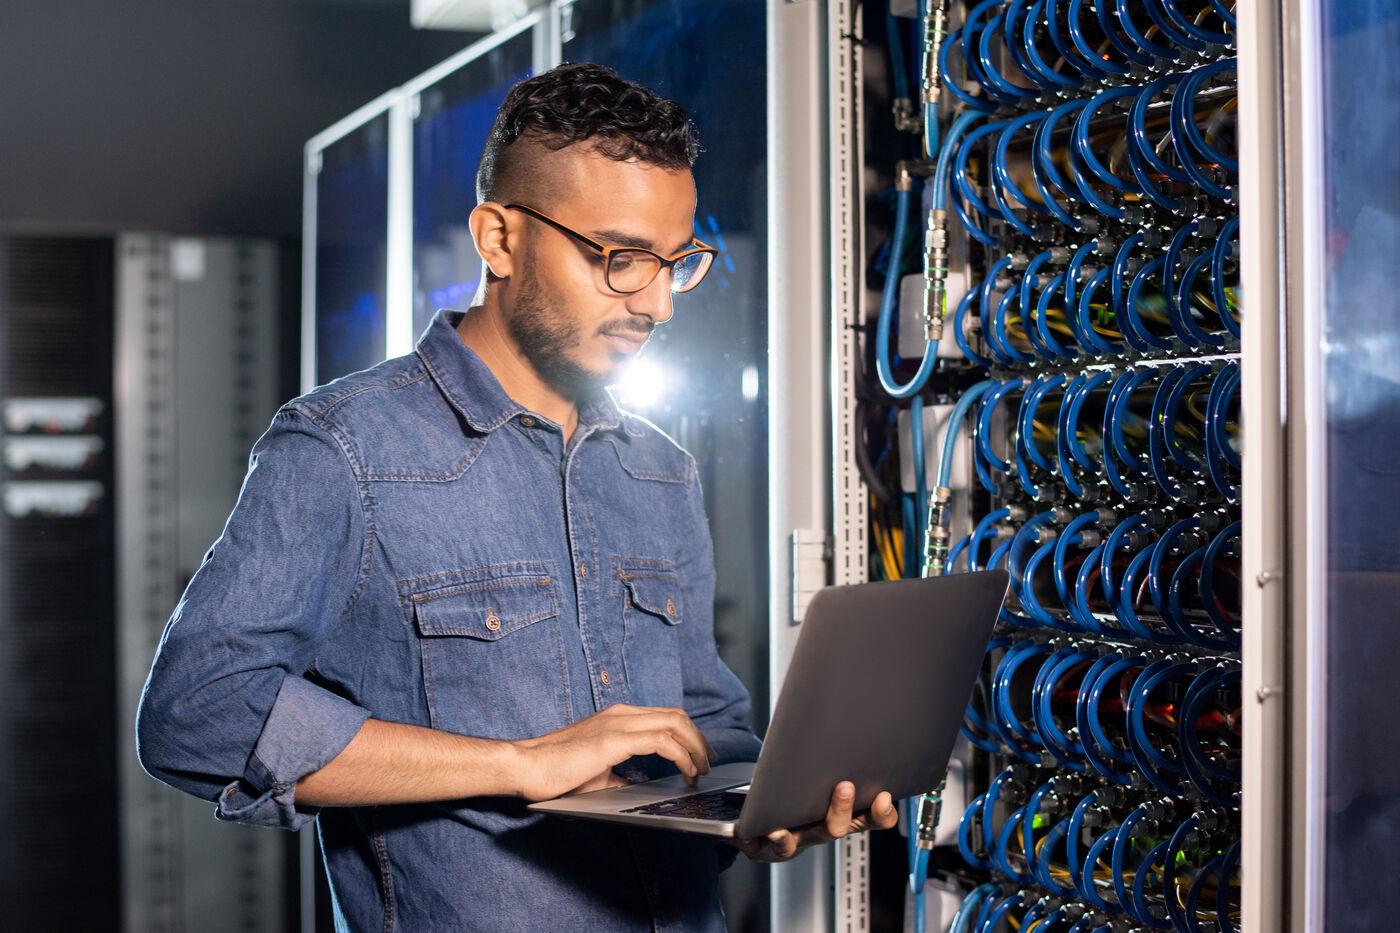 Elektriker/Elektroinstallateur im Außendienst (m/w/d) - Job - Jobs bei Discovergy - Application form